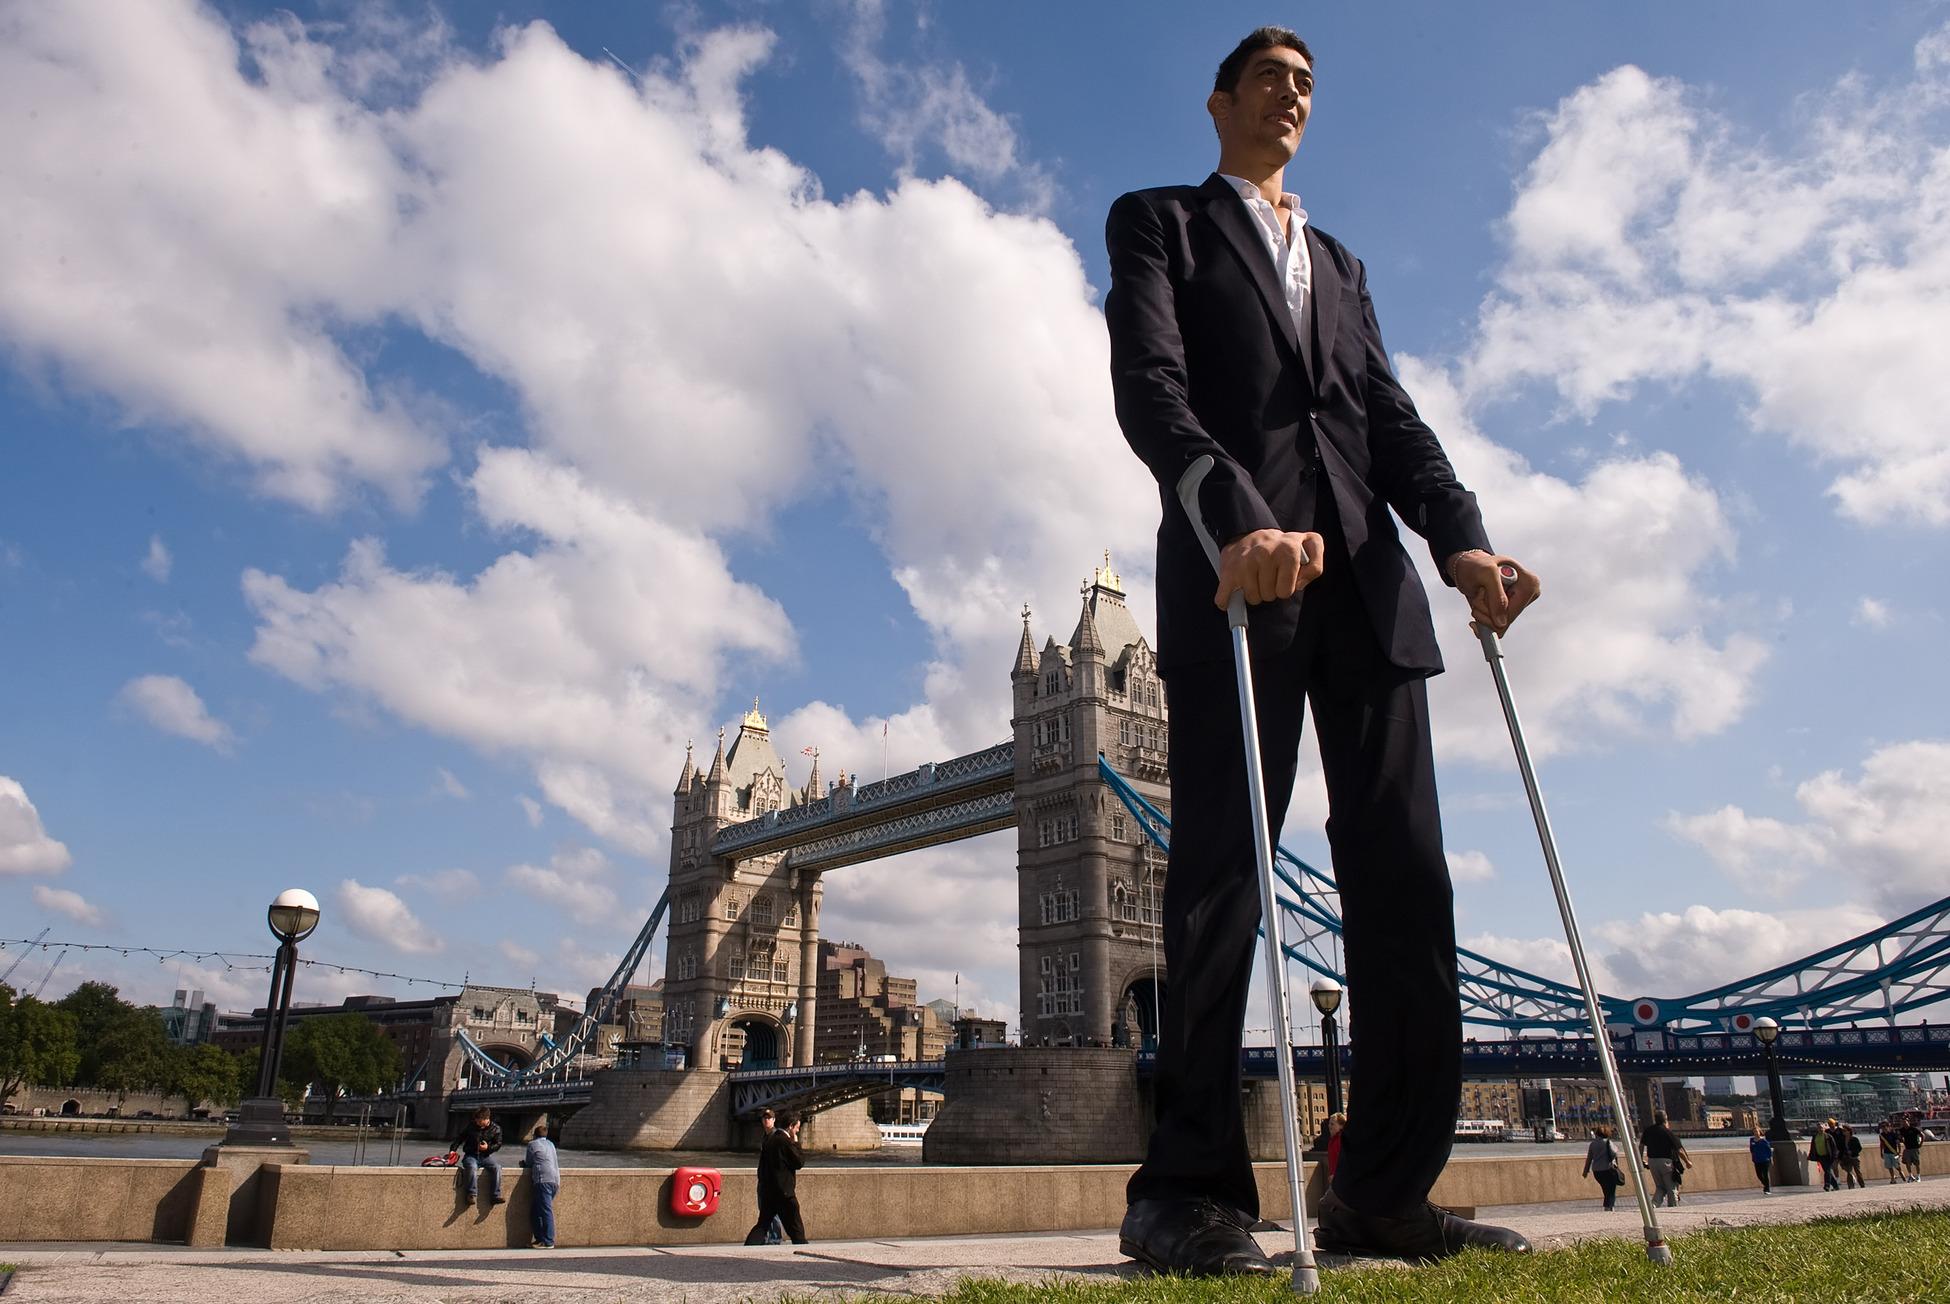 Самый высокий человек в мире из ныне живущих - Султан Косен.